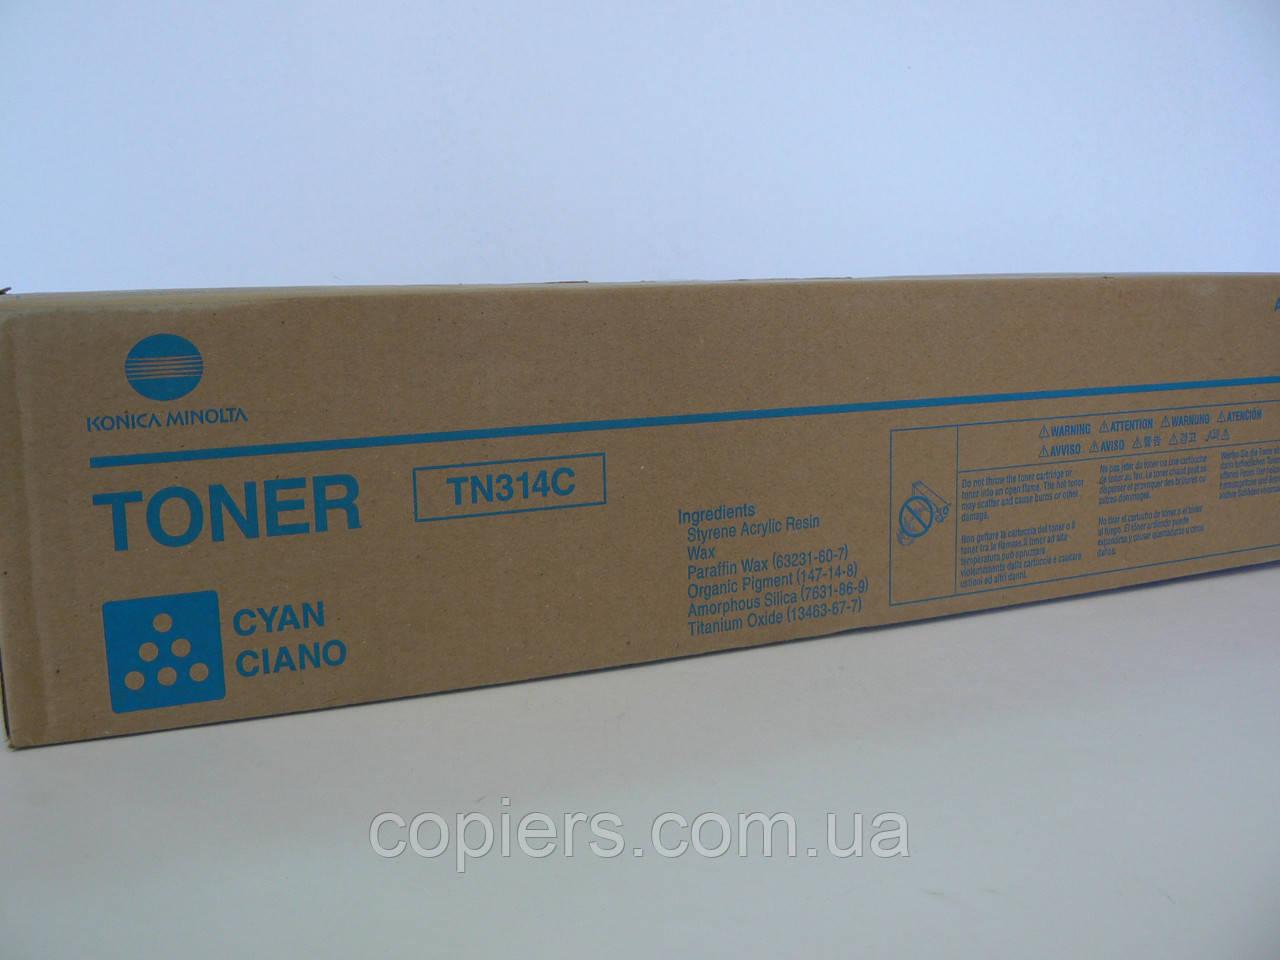 Тонер картридж TN314С Bizhub C353 оригинал, TN-314C